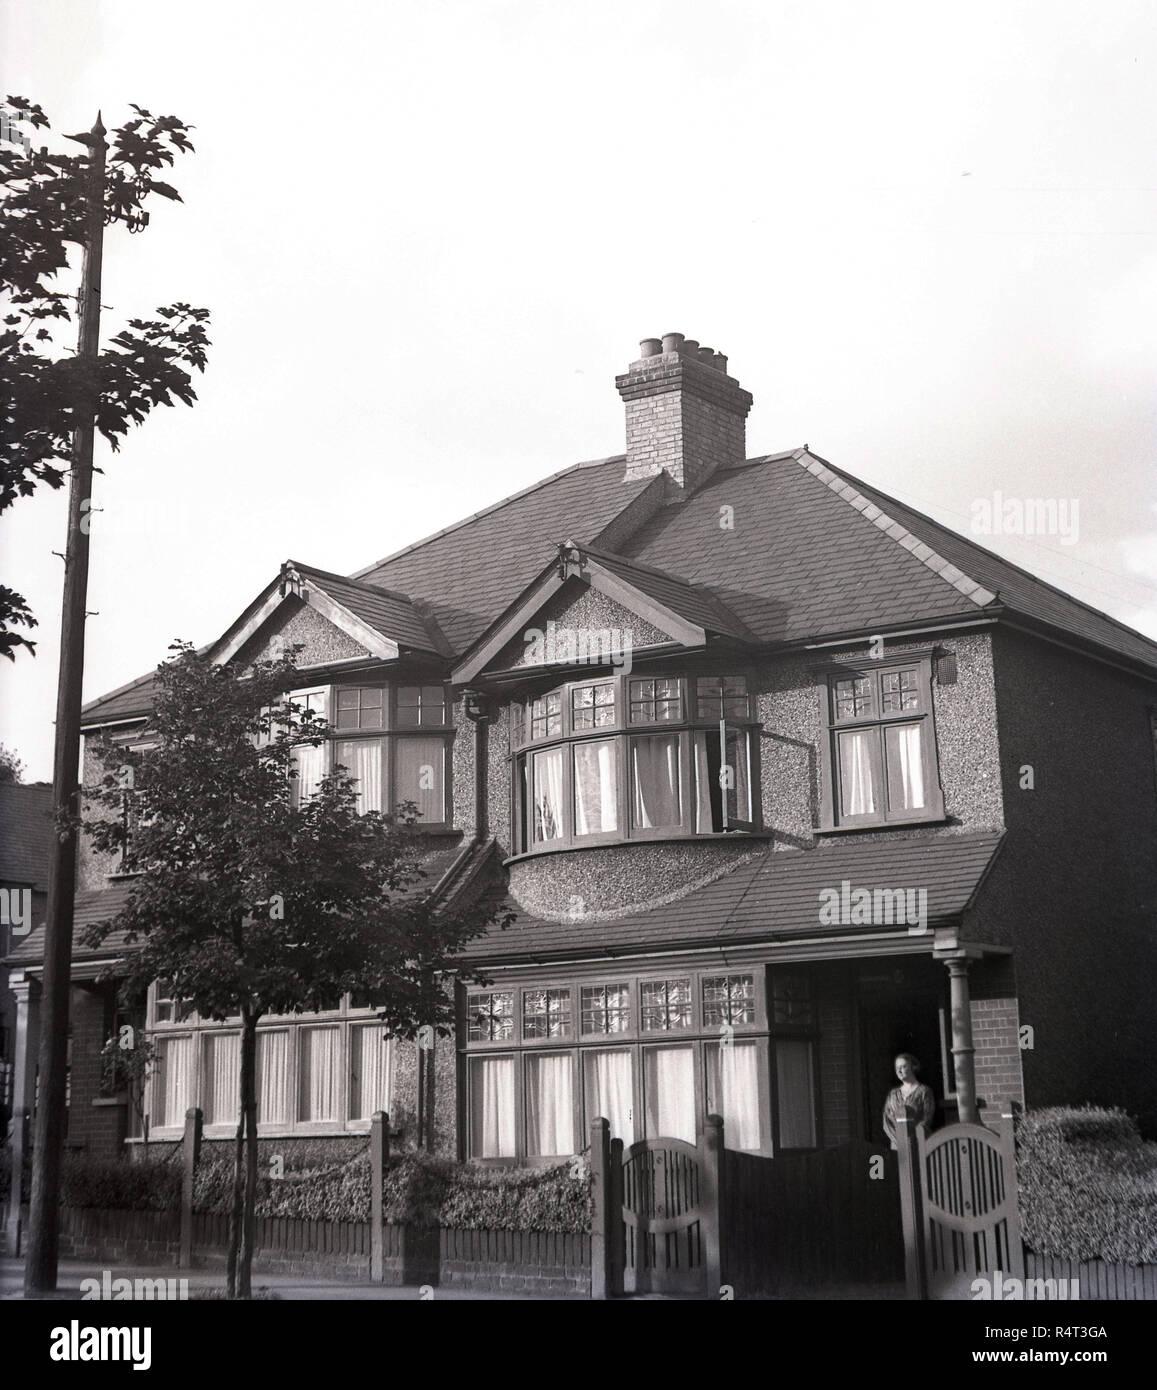 1940s, storico, una signora in piedi all'ingresso di un semi-detached casa a due piani casa suburbana, Inghilterra, Regno Unito. Costruito negli anni Venti del Novecento, la casa aveva una scatola di legno le finestre a battente e un Pebble Dash esterno. Foto Stock